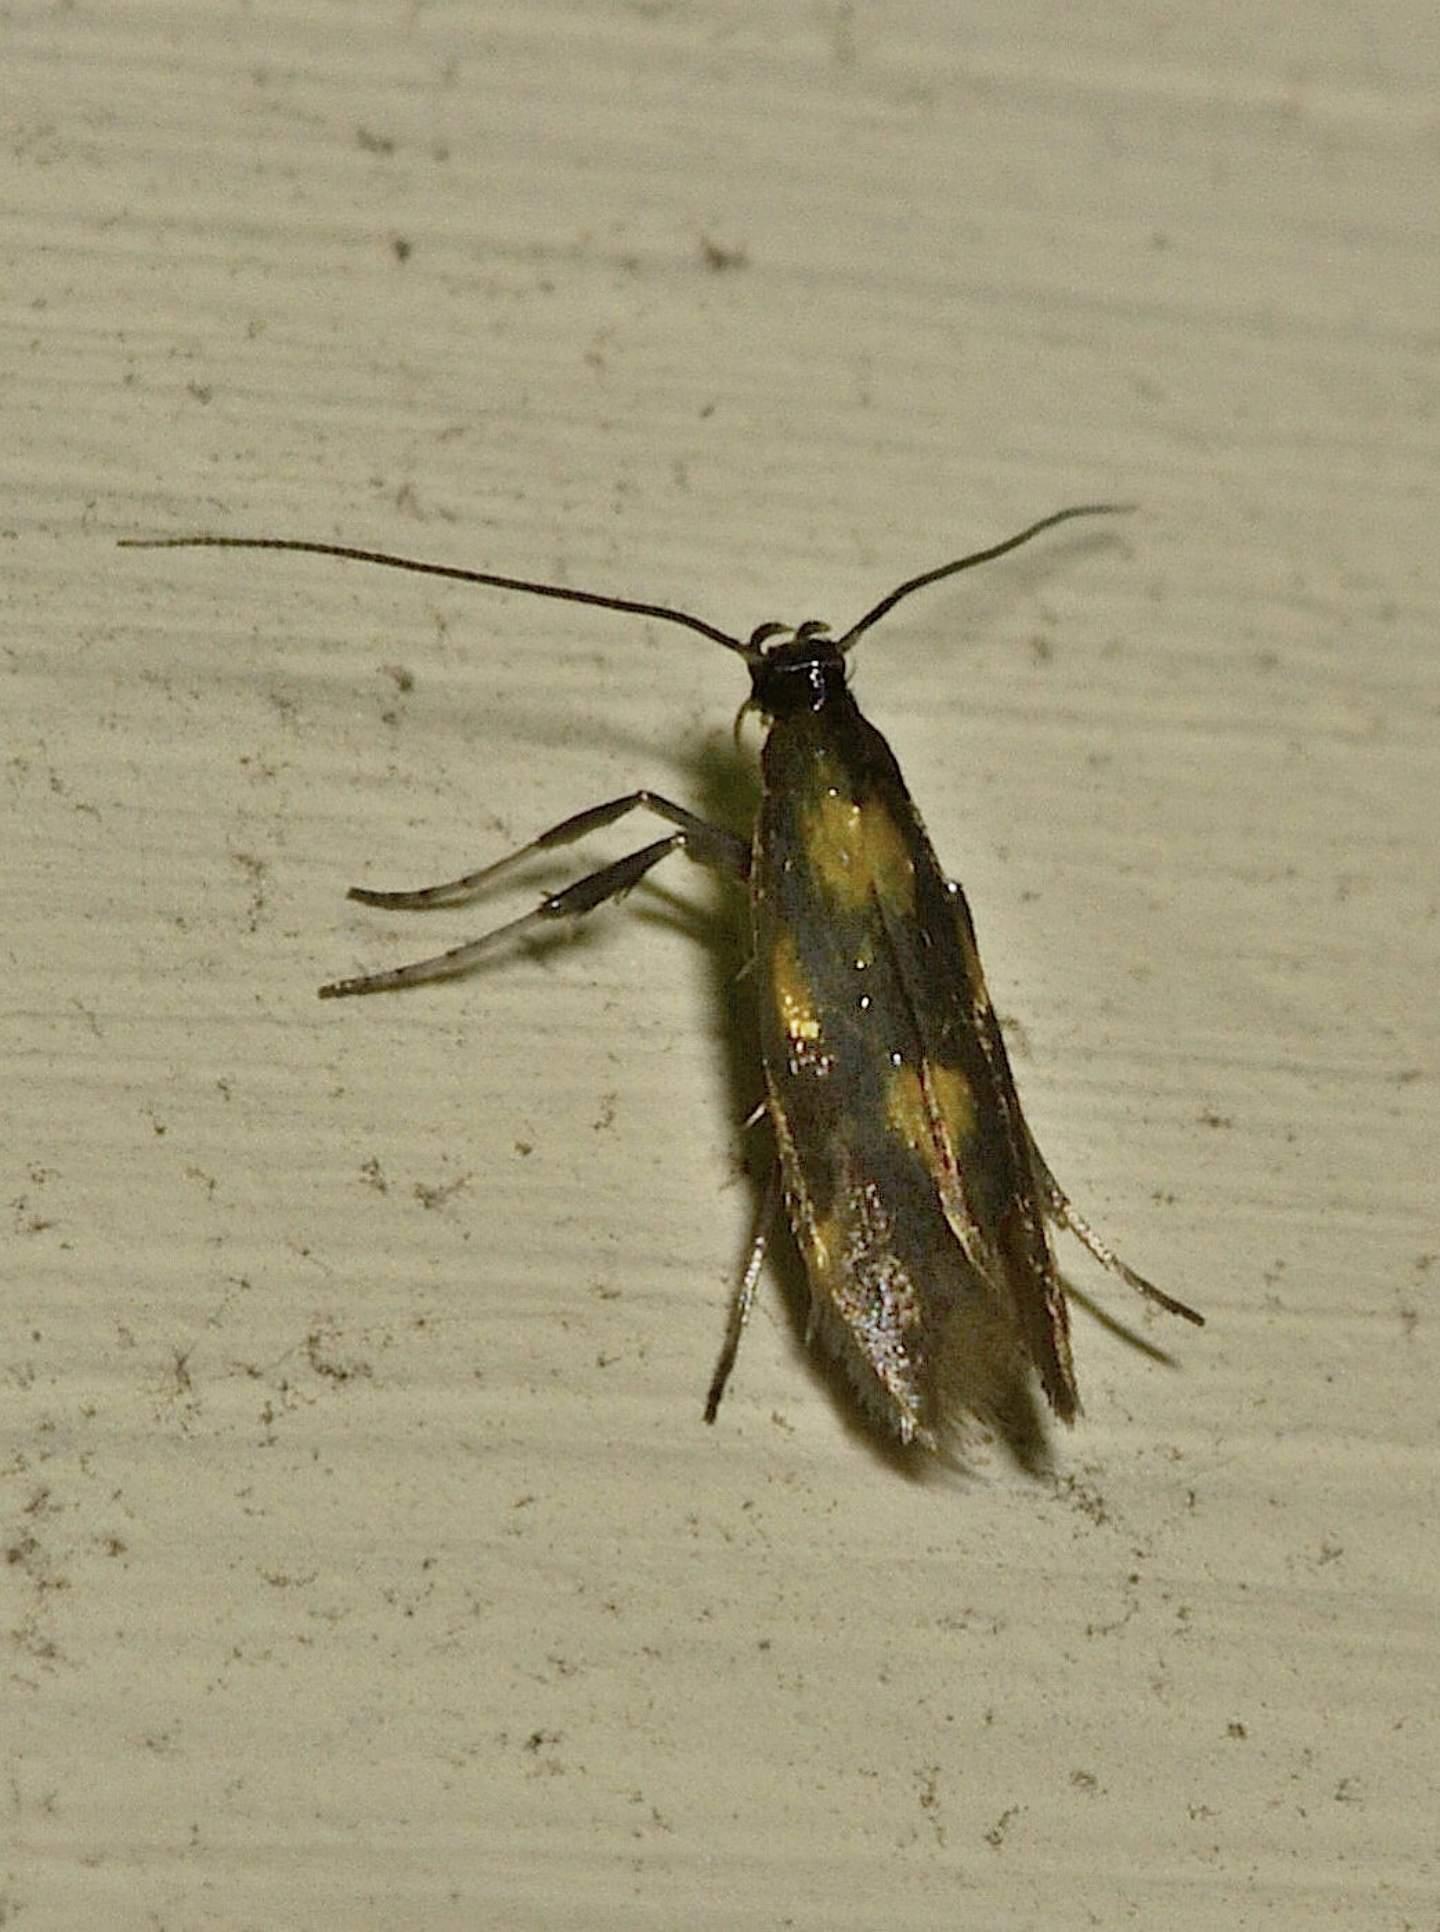 Euspilapteryx auroguttella - Gracillariidae